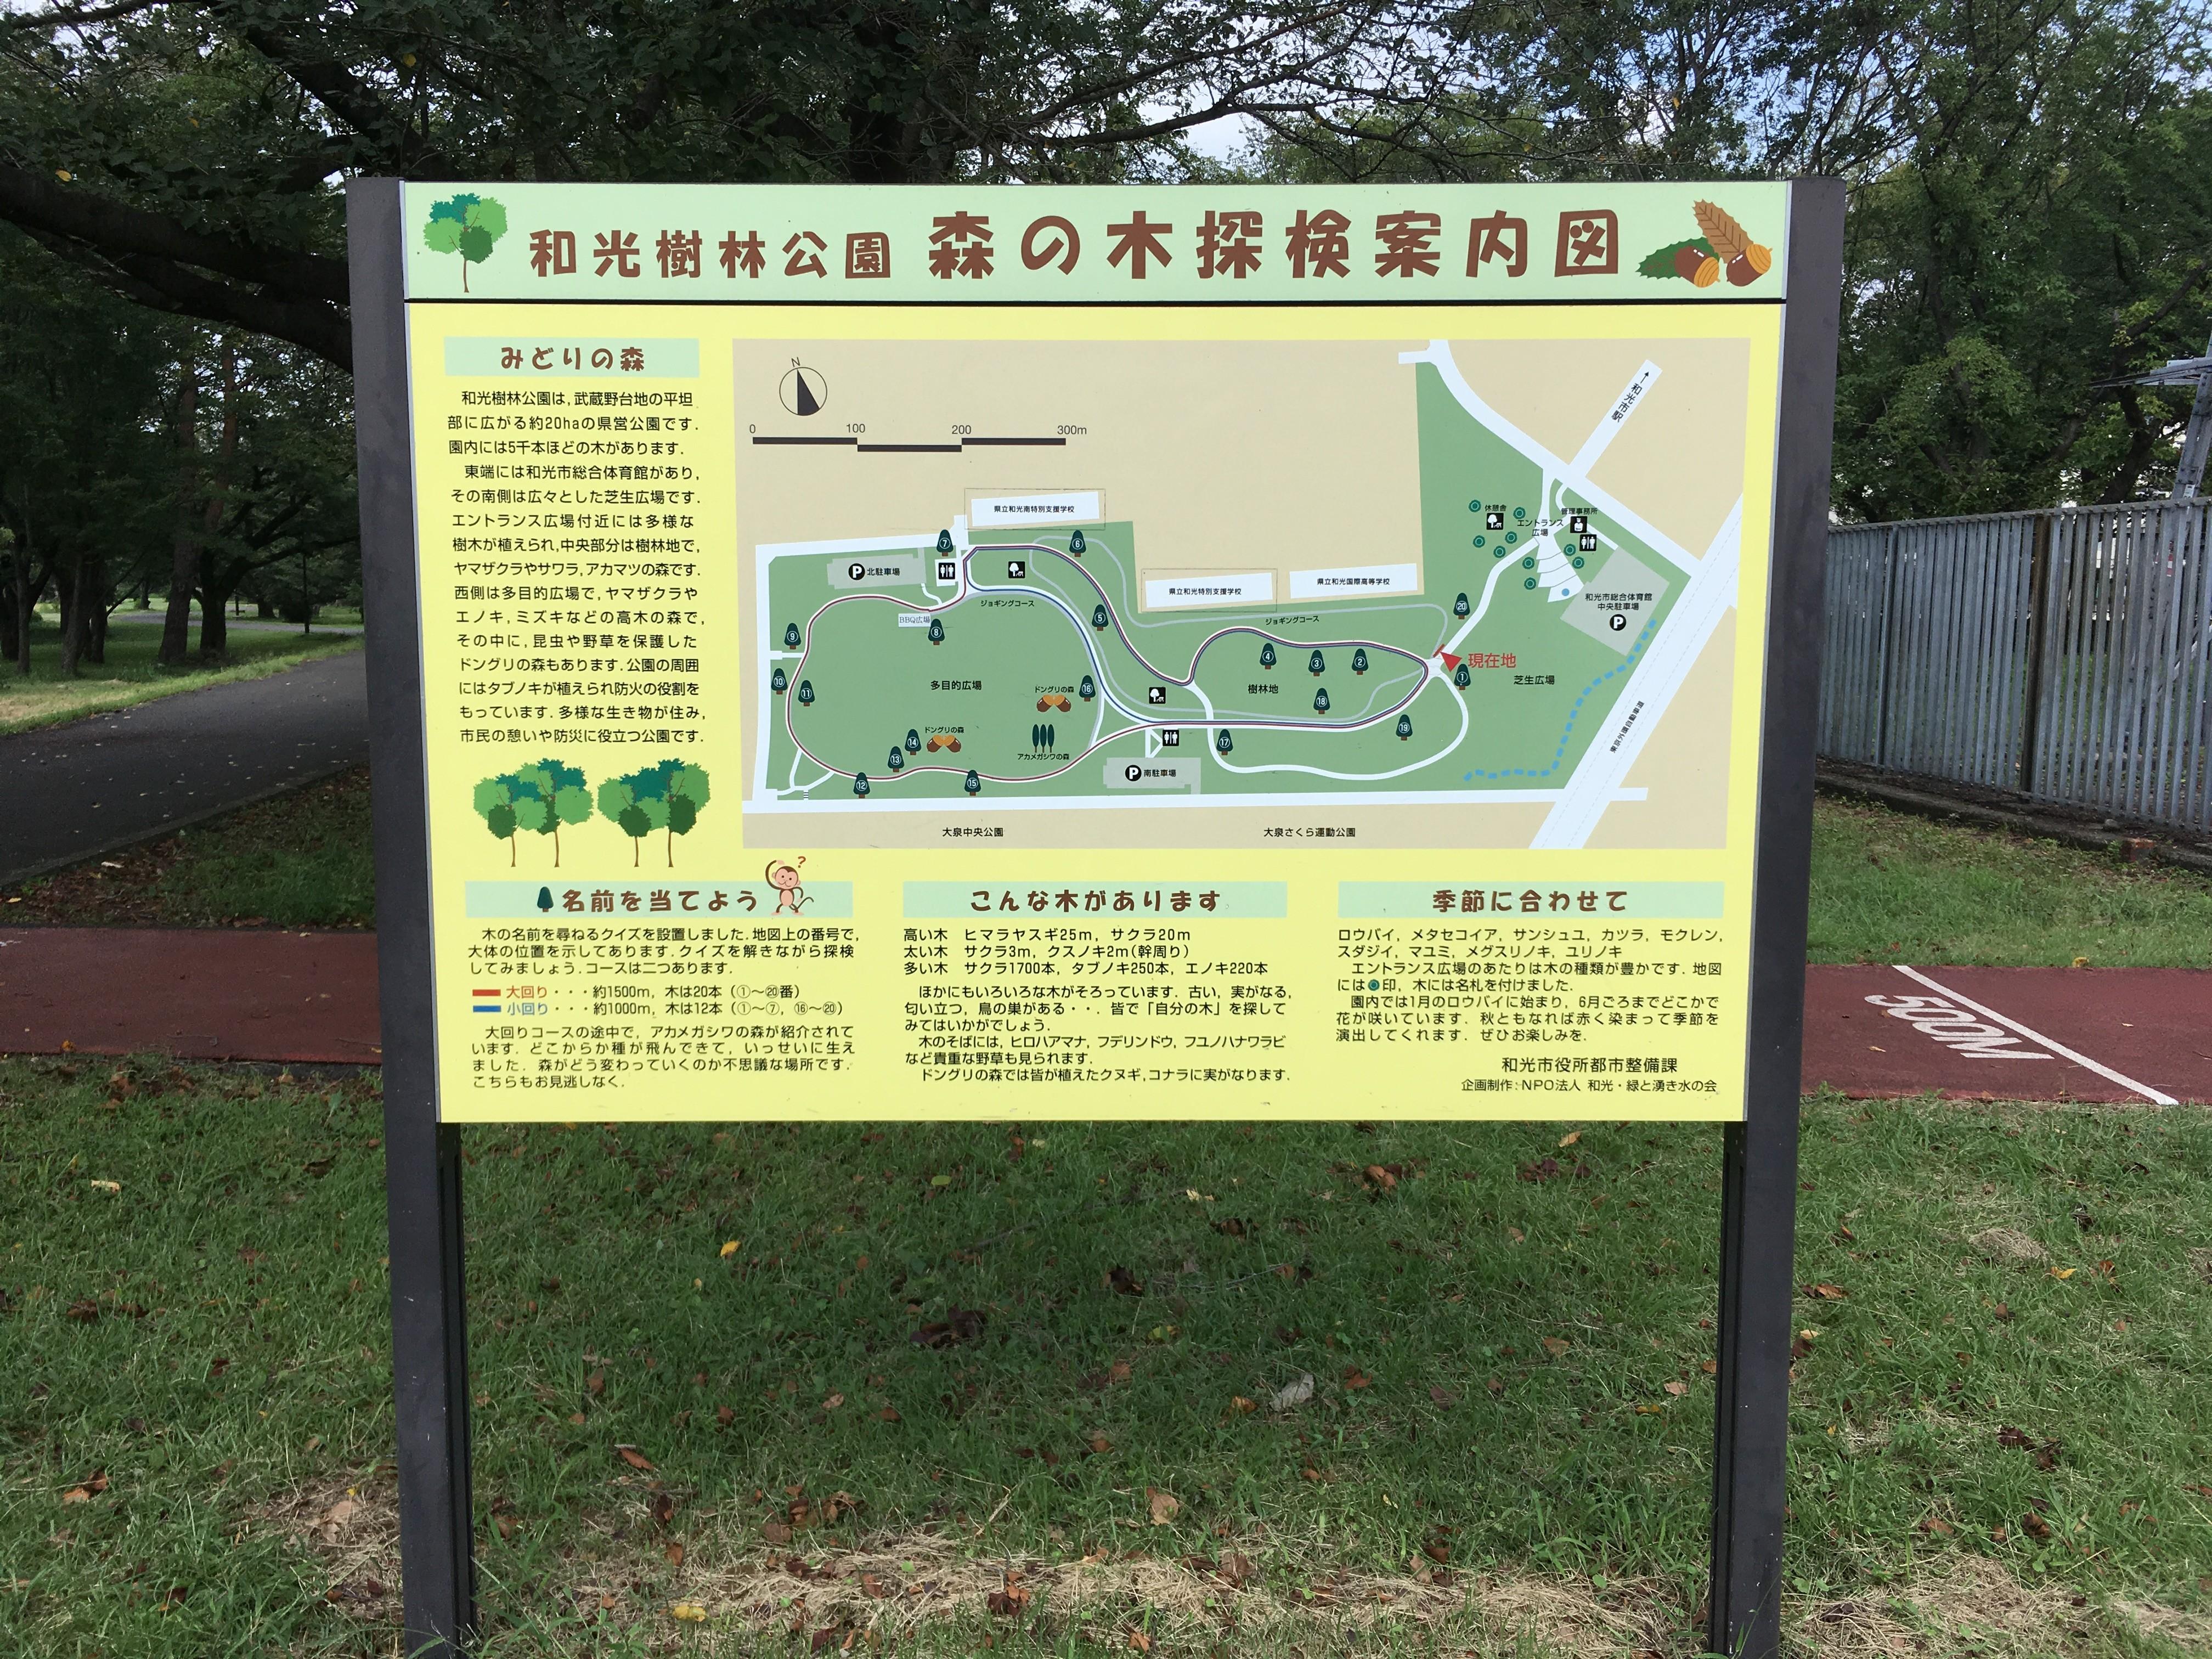 和光樹林公園森の木探検案内図